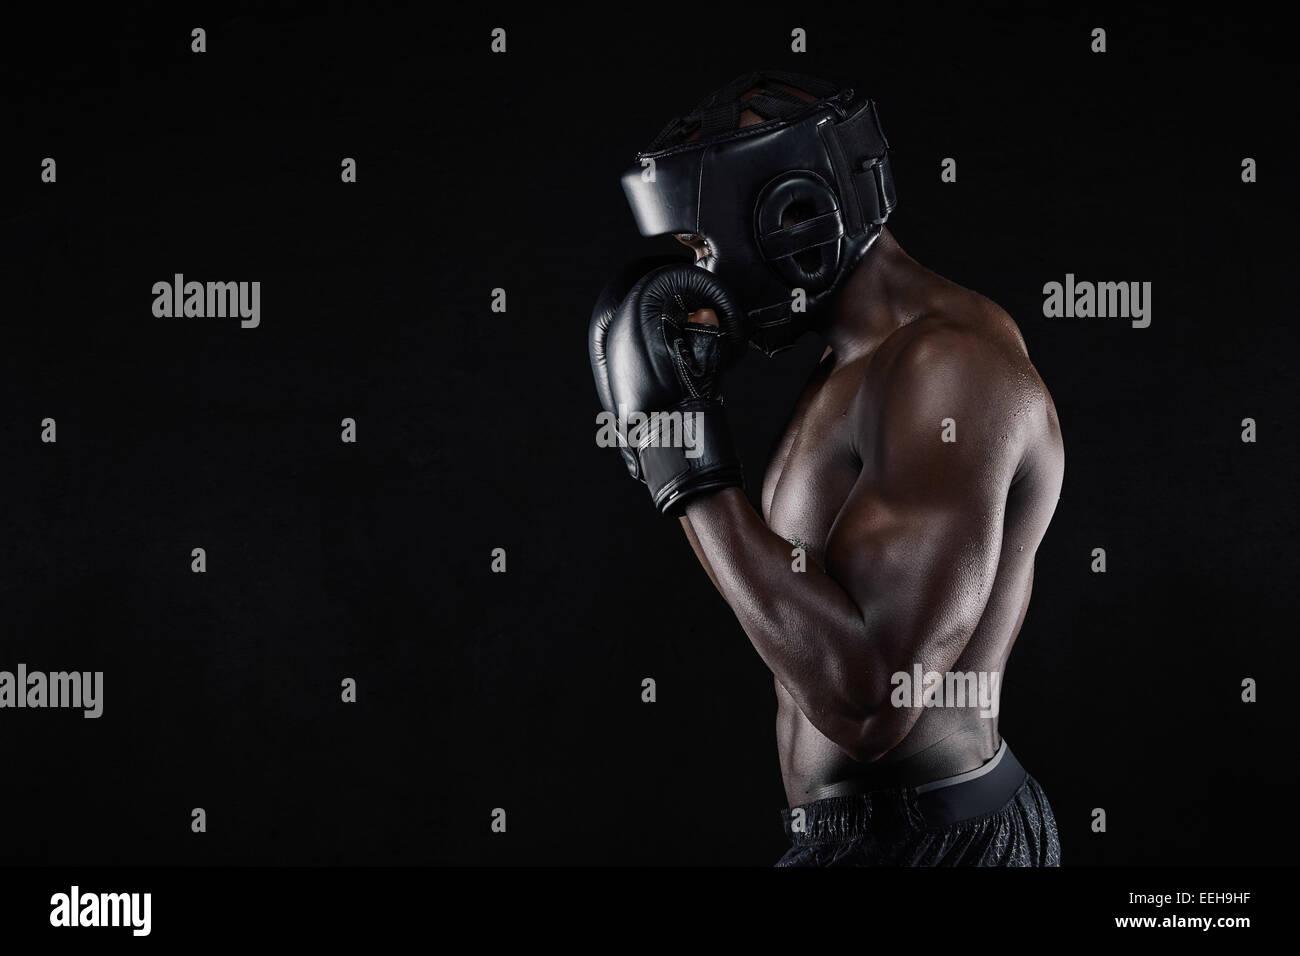 Vista lateral de un joven boxeador en una postura combativa sobre fondo negro. Varón africano boxer bloqueando Imagen De Stock